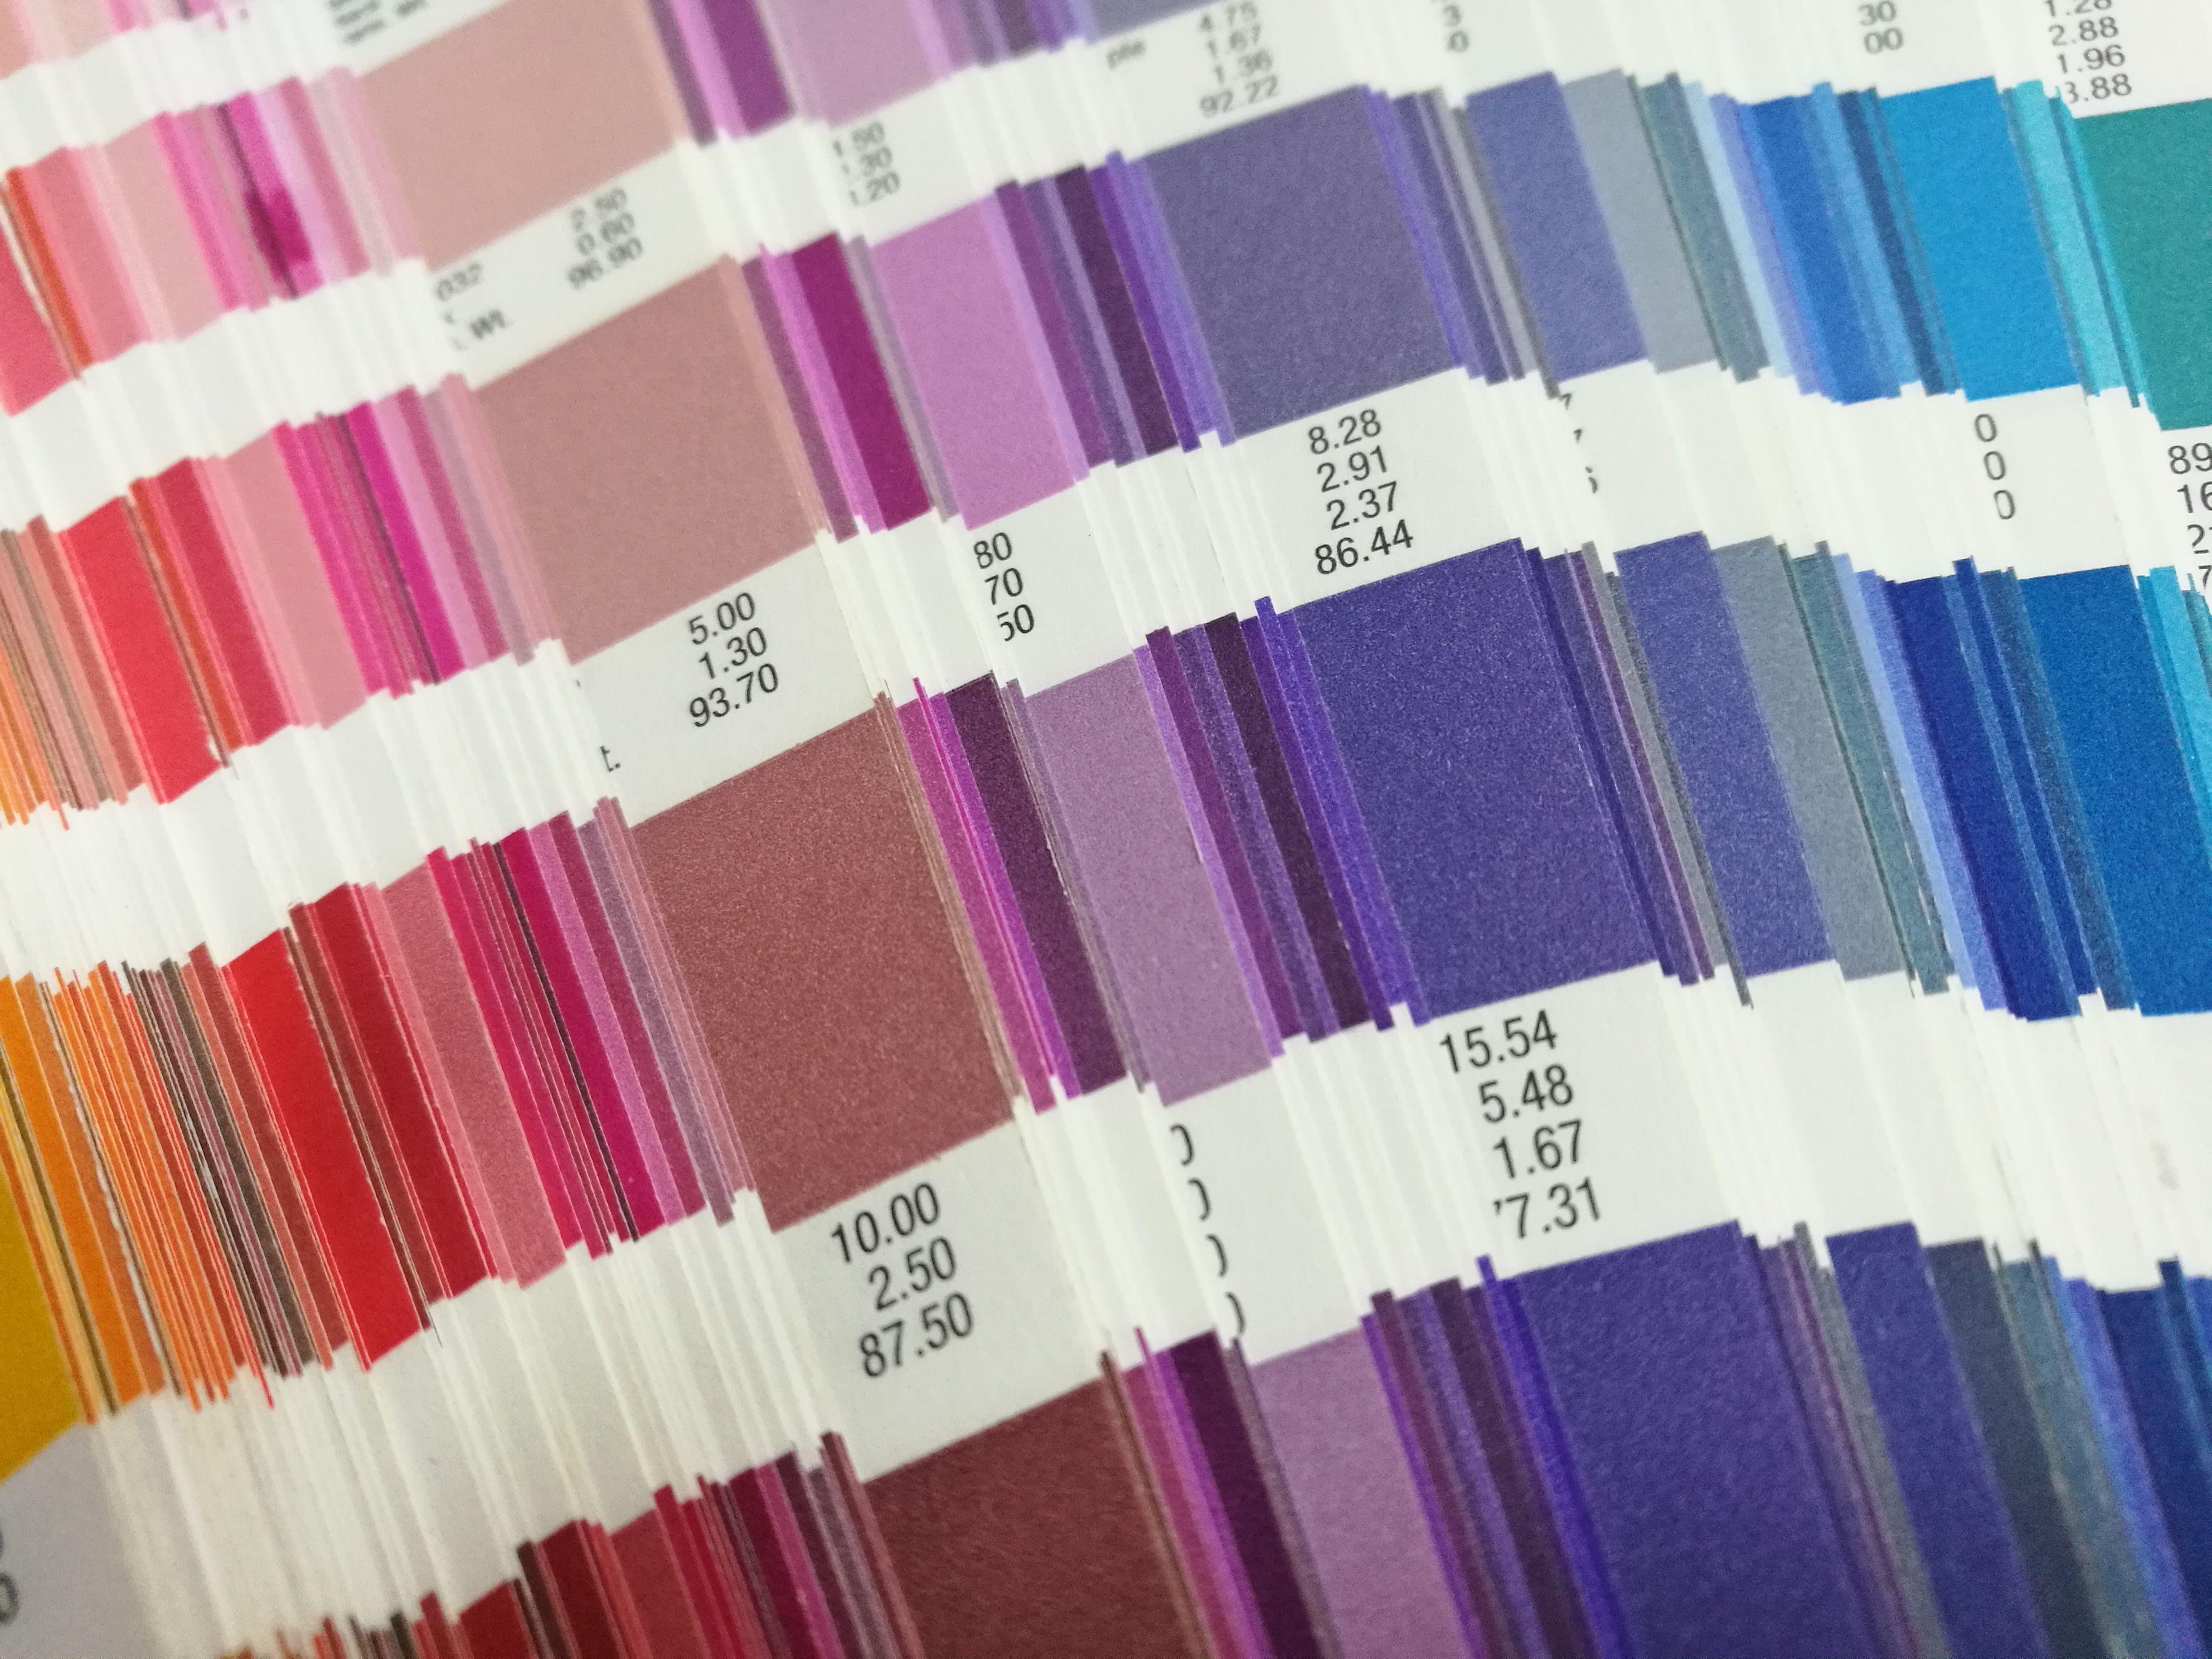 La storia del Colore dell'Anno Pantone potrebbe presto finire qui?